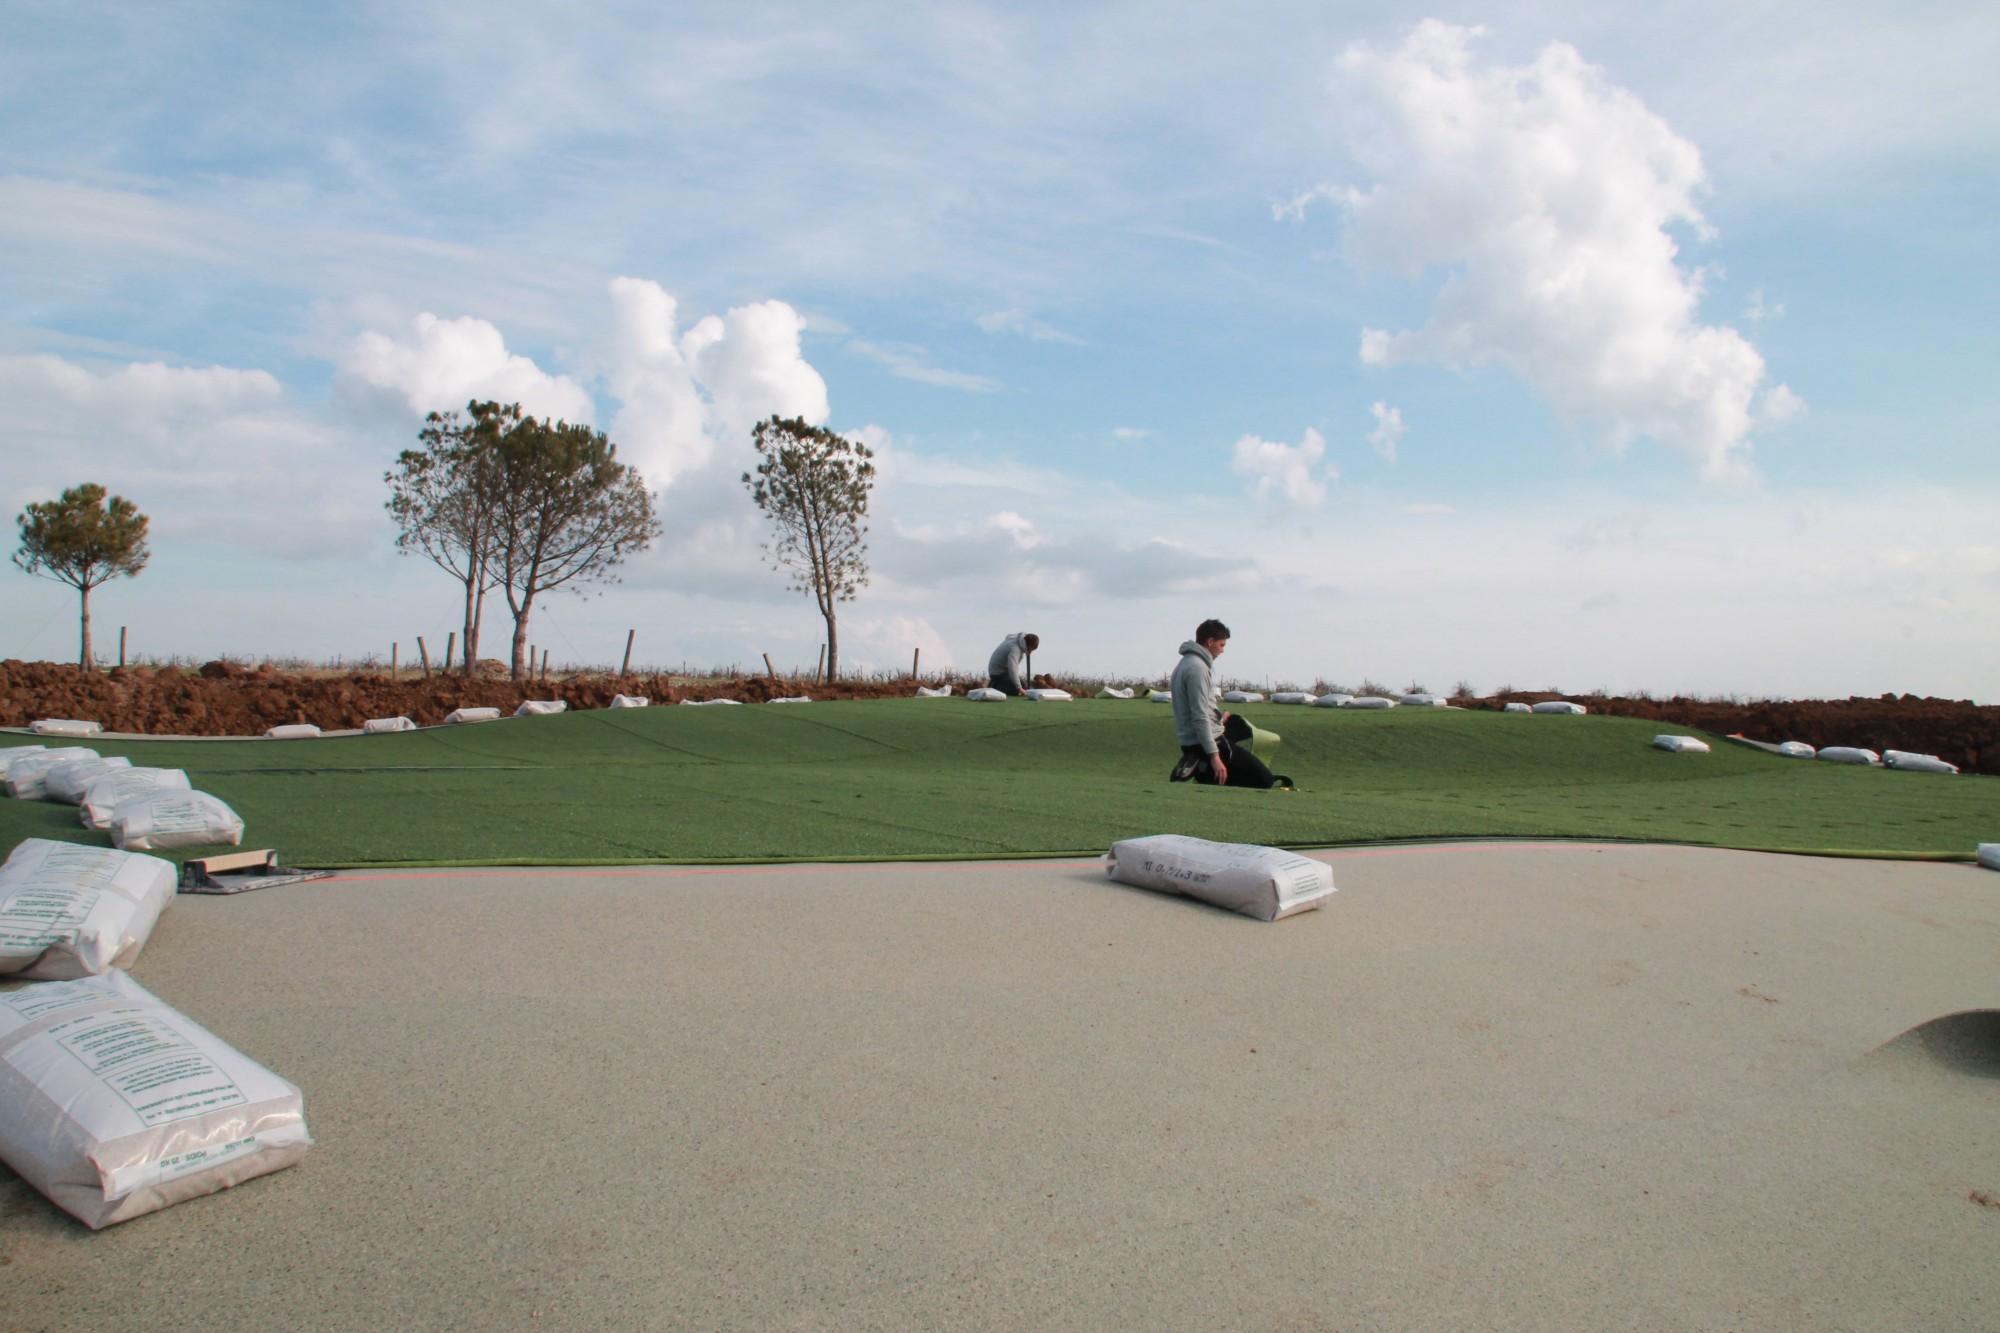 mise en place du gazon synth tique pour un green de golf. Black Bedroom Furniture Sets. Home Design Ideas